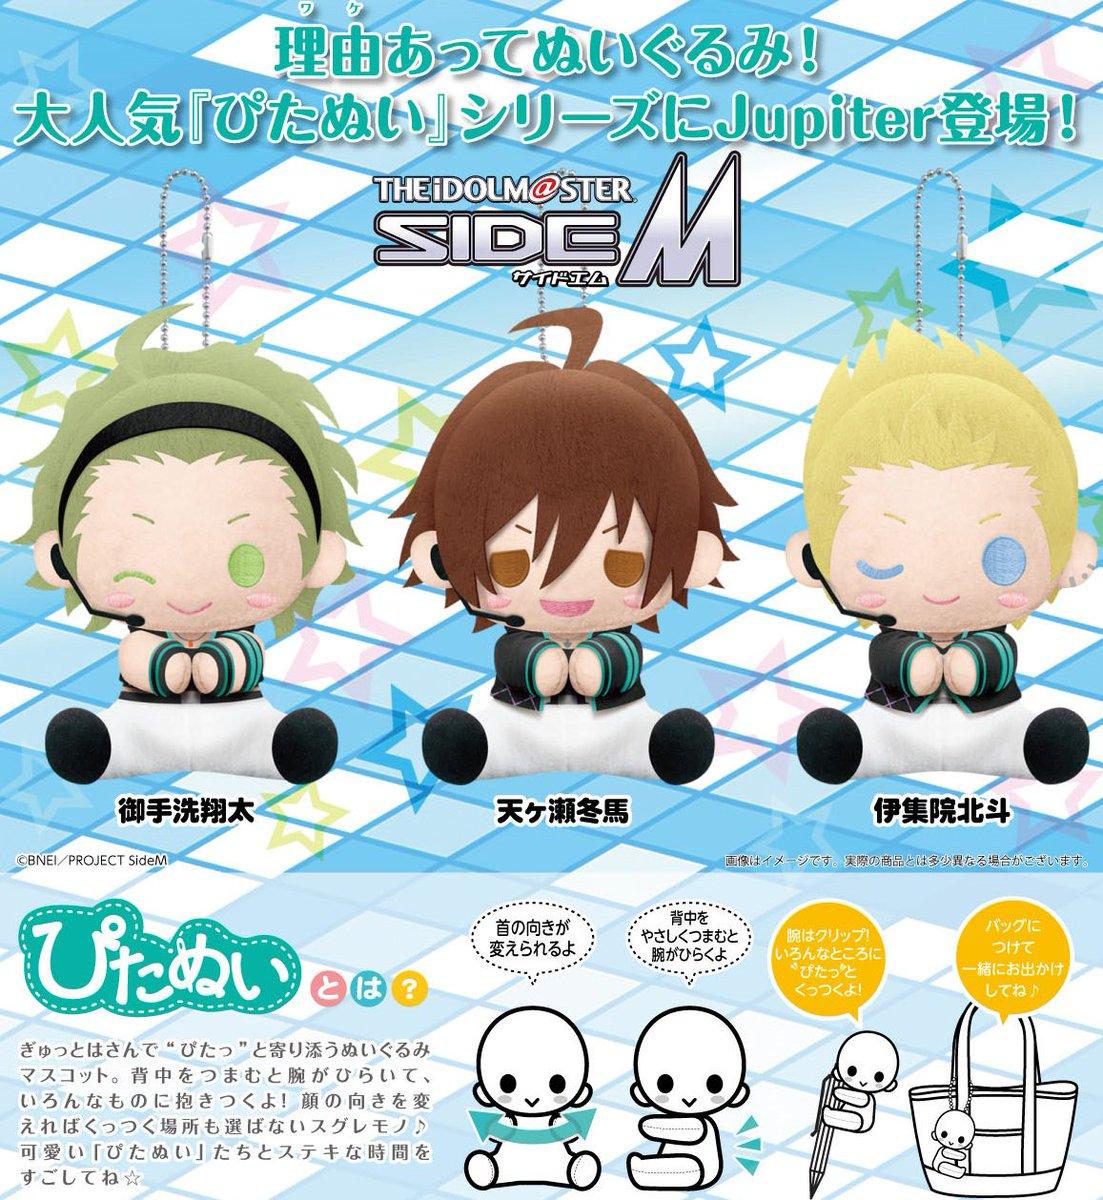 【NEWS!】―――理由あって、ぴたぬい!『アニメ「アイドルマスター SideM」』より「Jupiter」の3人がぴたぬ